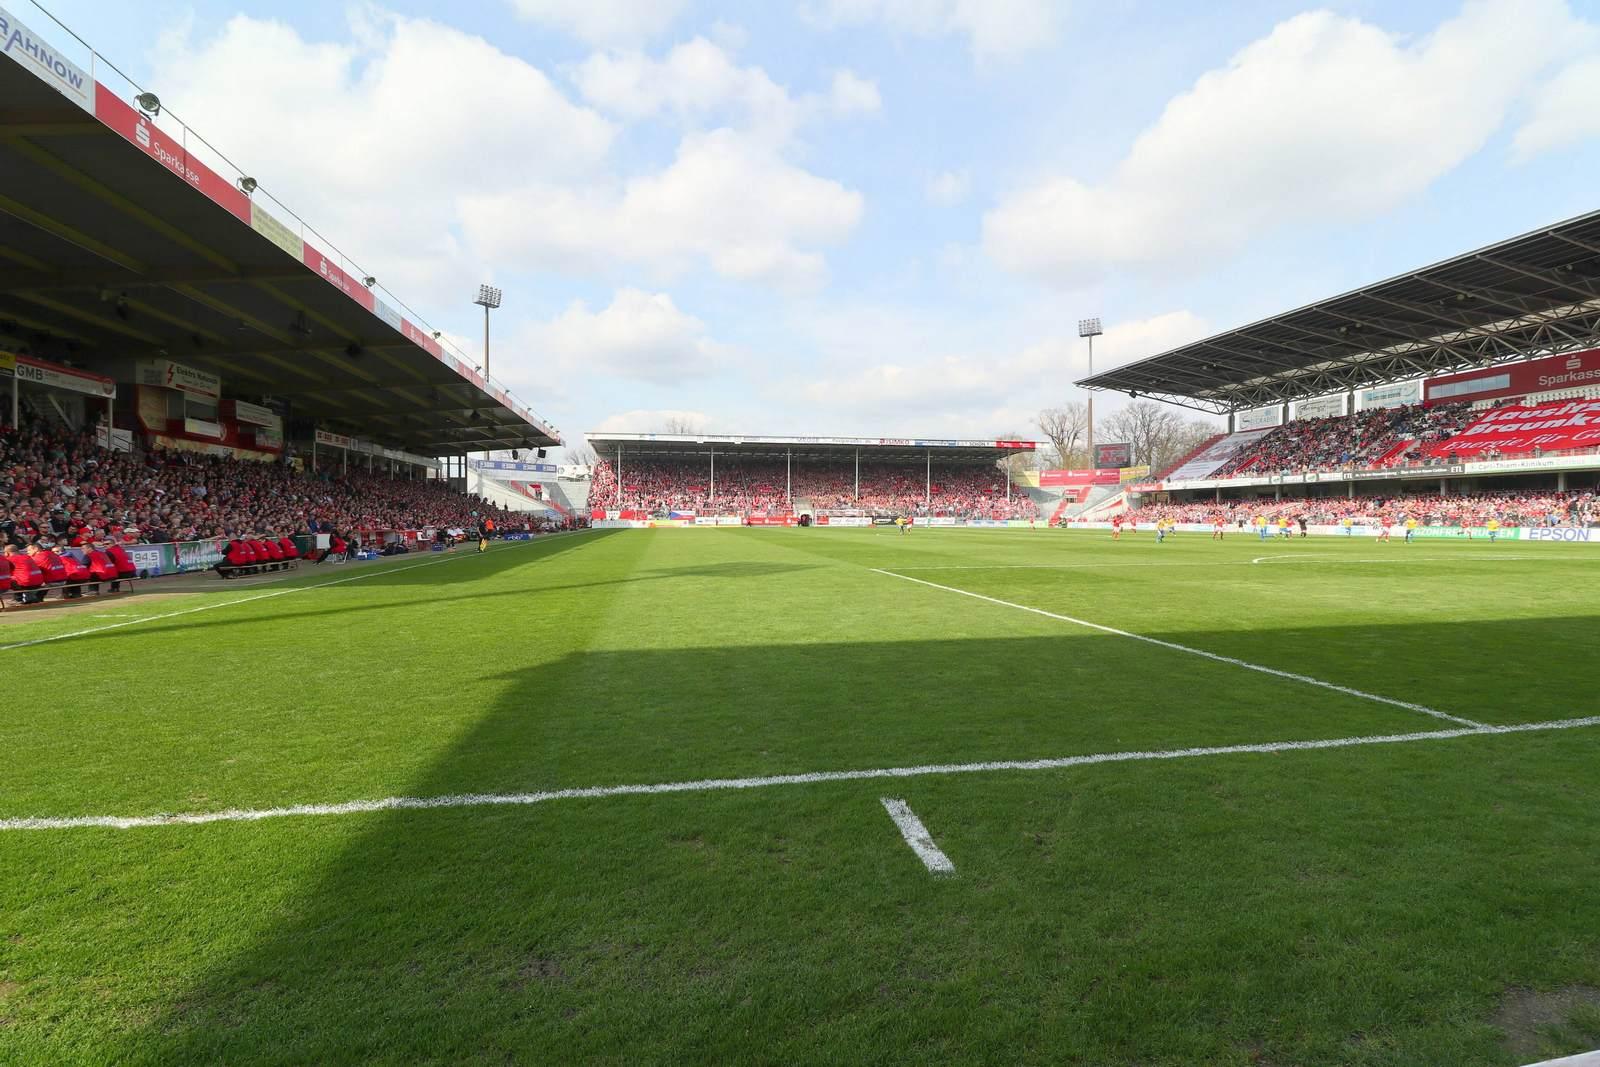 Das Stadion der Freundschaft, Heimspielstätte des FC Energie Cottbus